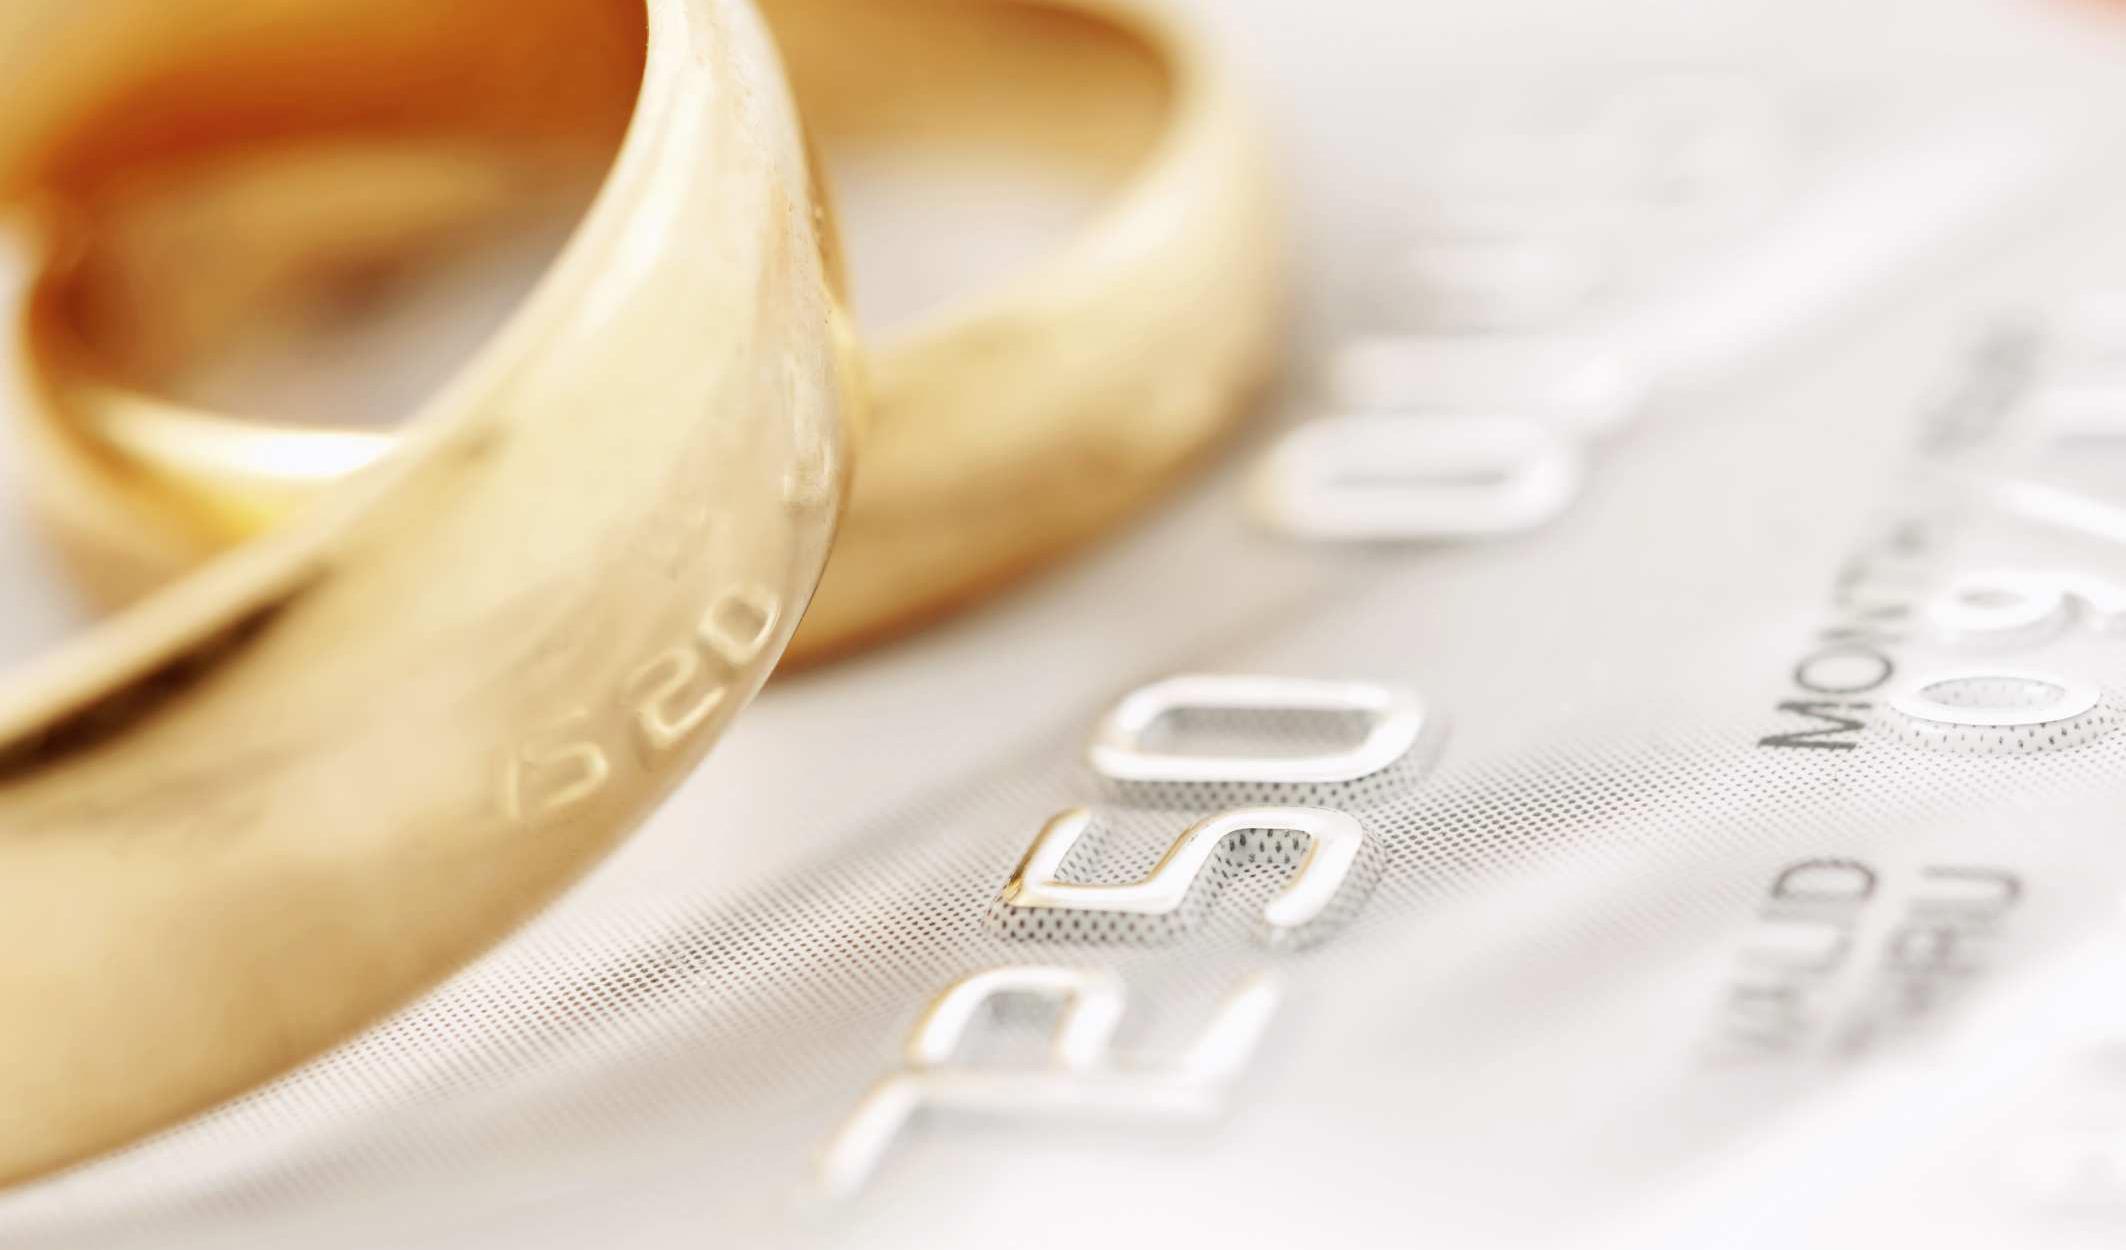 کارشکنی بانکها در اعطای وام ازدواج / آیا ضامنهای وام ازدواج در سال آینده افزایش پیدا میکند؟